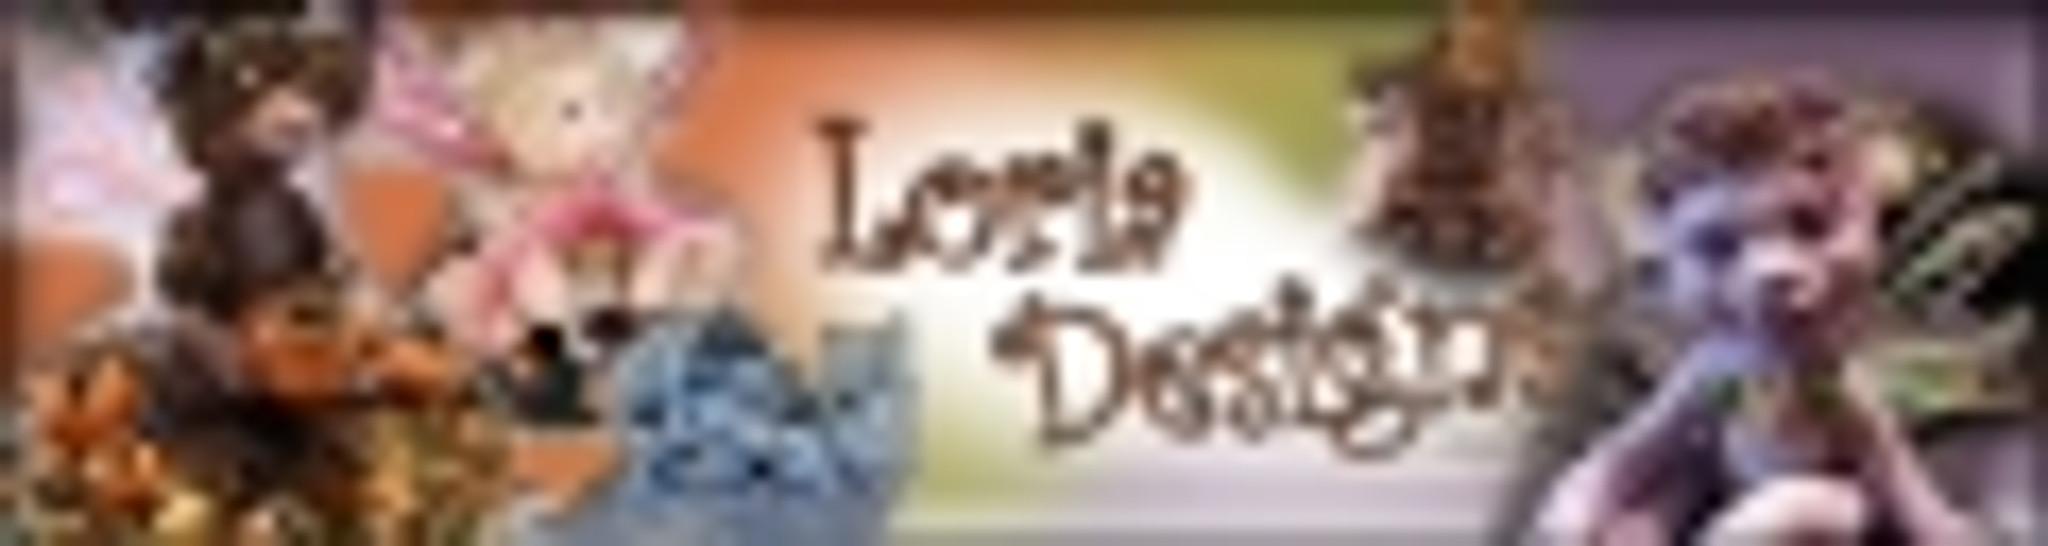 Loria Designs - by Lori Jarrett